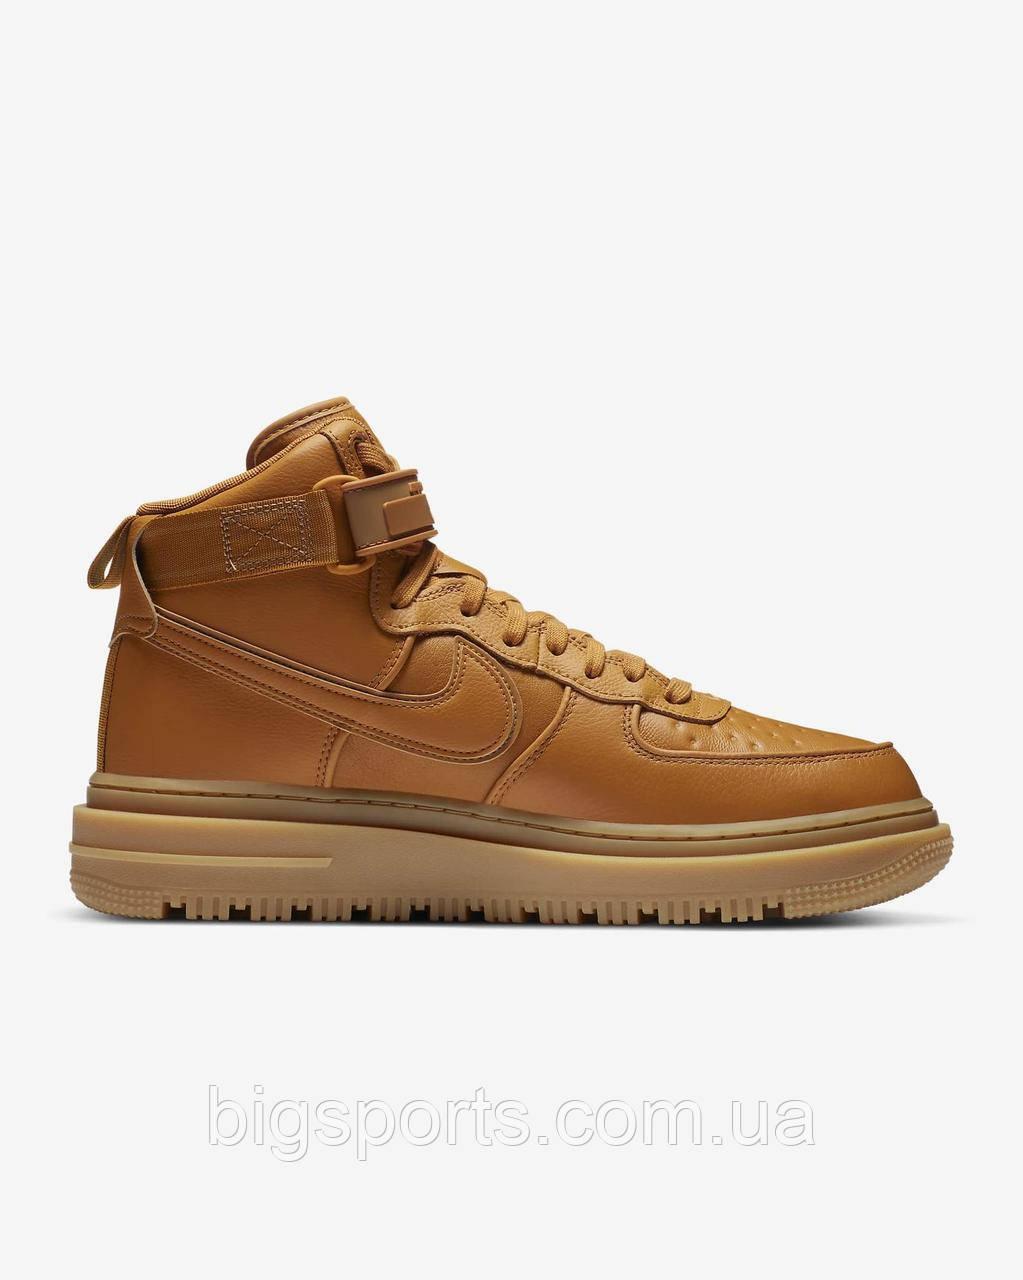 Кроссовки муж. Nike Air Force 1 GTX Boot (арт. CT2815-200)